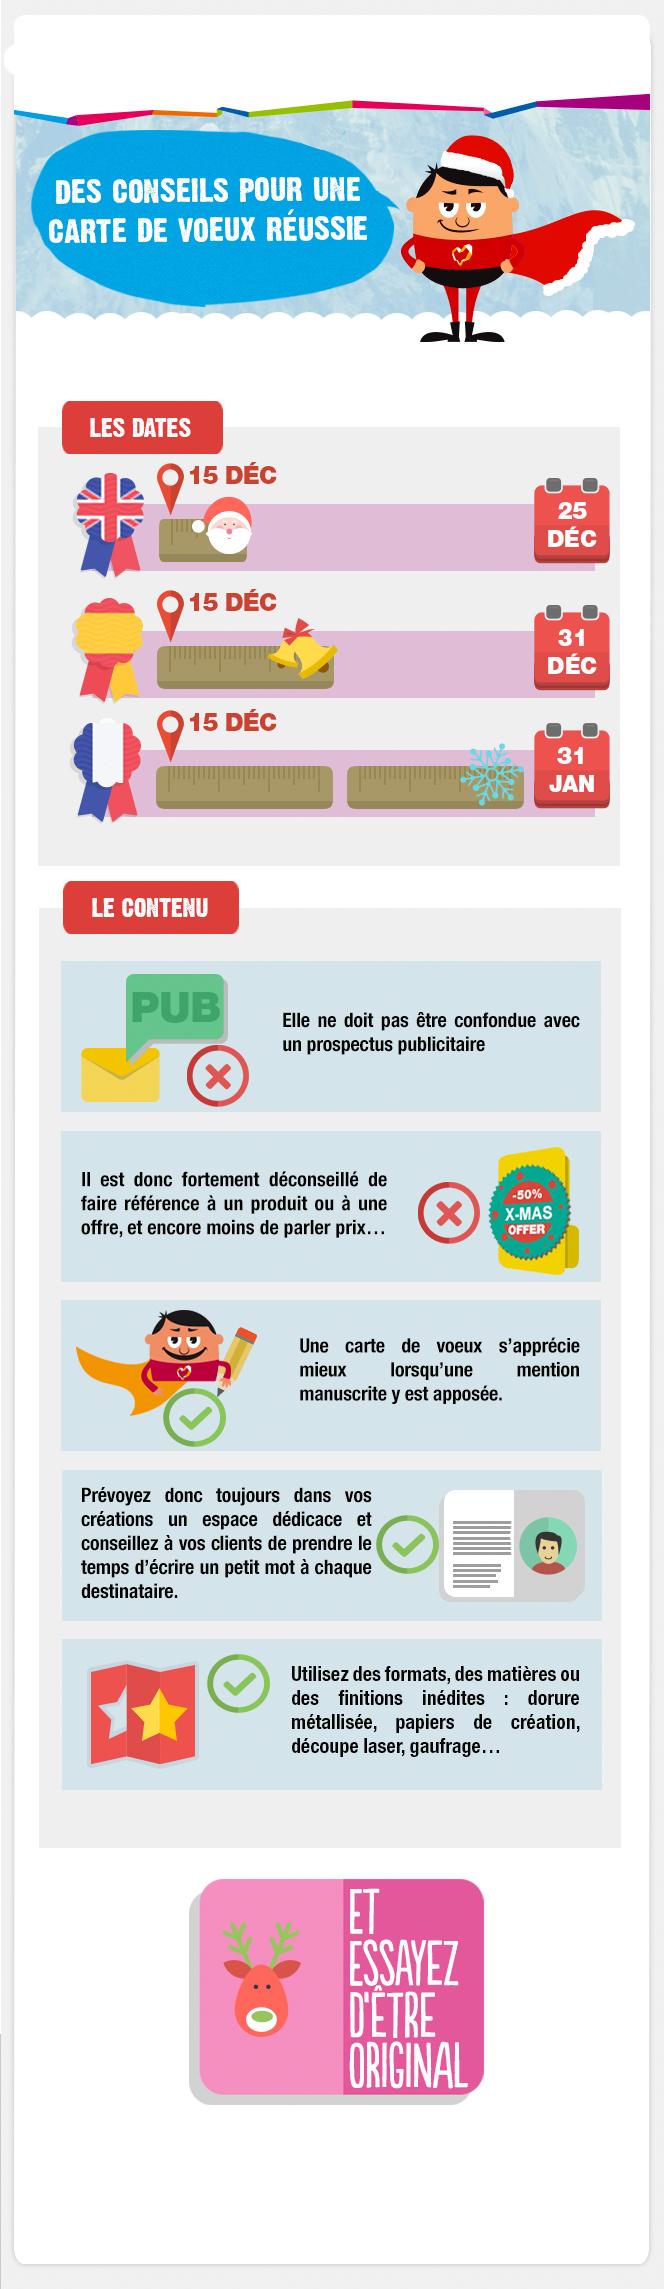 conseils-carte-voeux-imprimerie